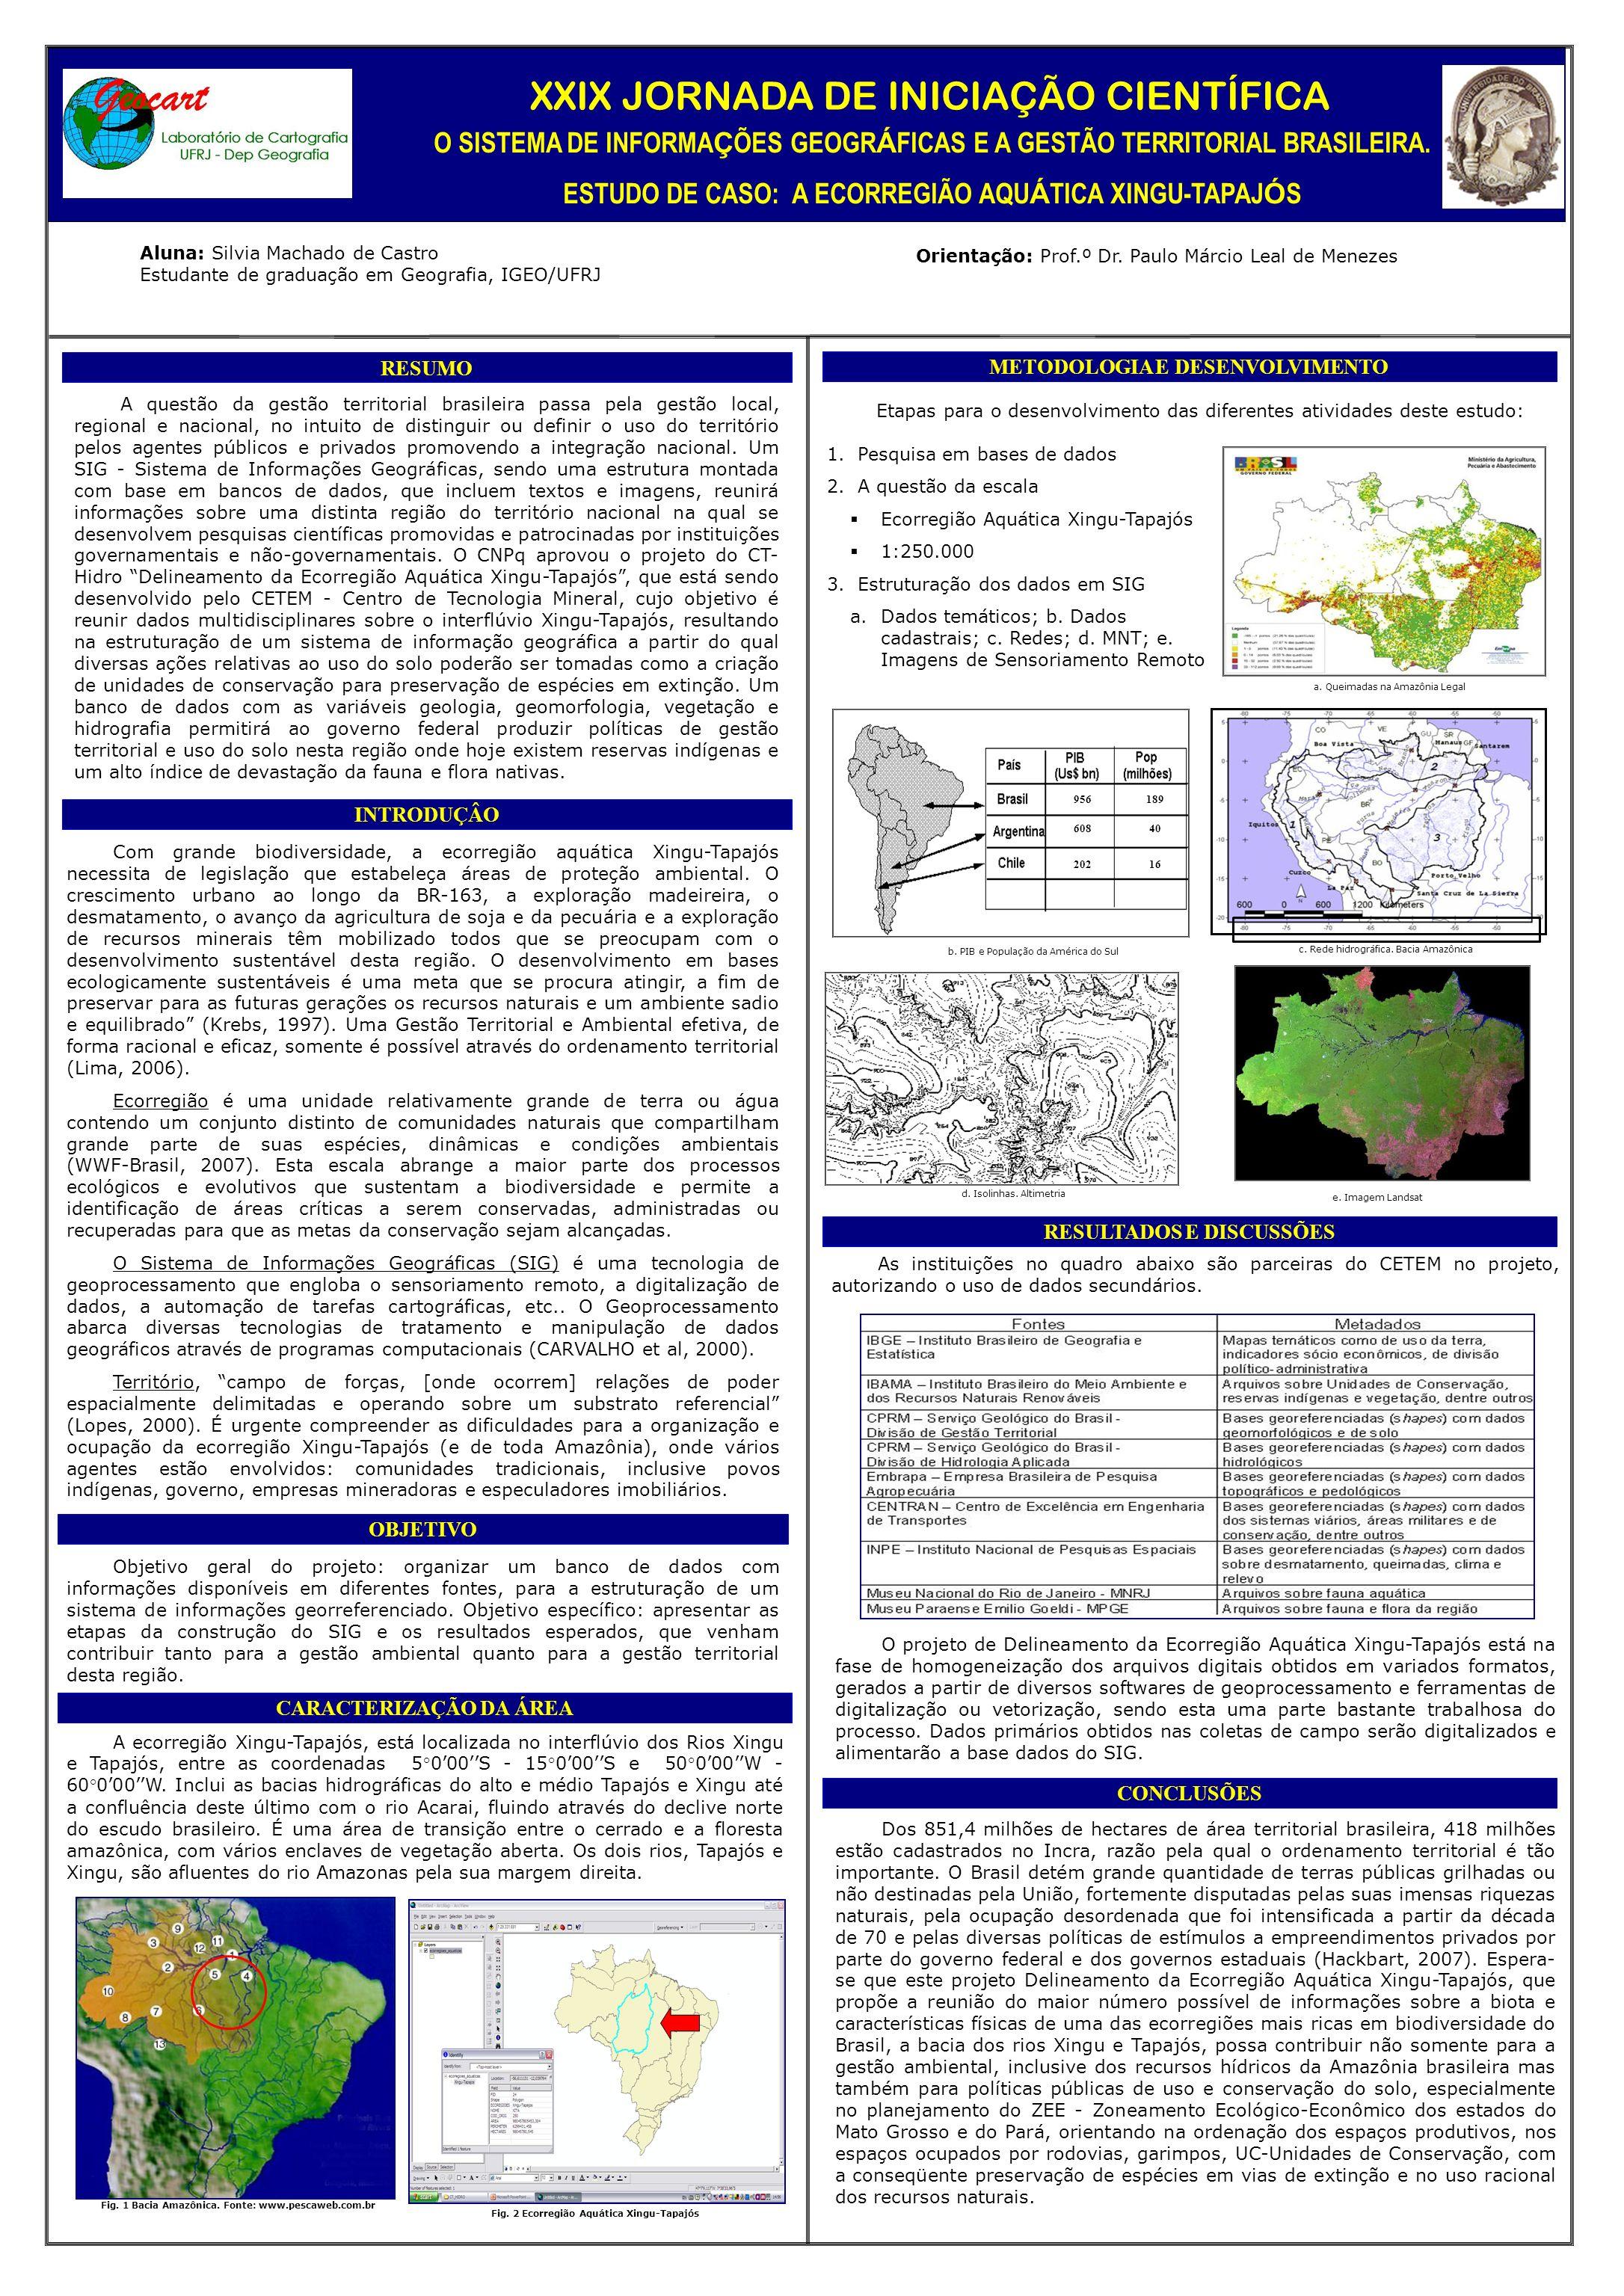 Com grande biodiversidade, a ecorregião aquática Xingu-Tapajós necessita de legislação que estabeleça áreas de proteção ambiental. O crescimento urban